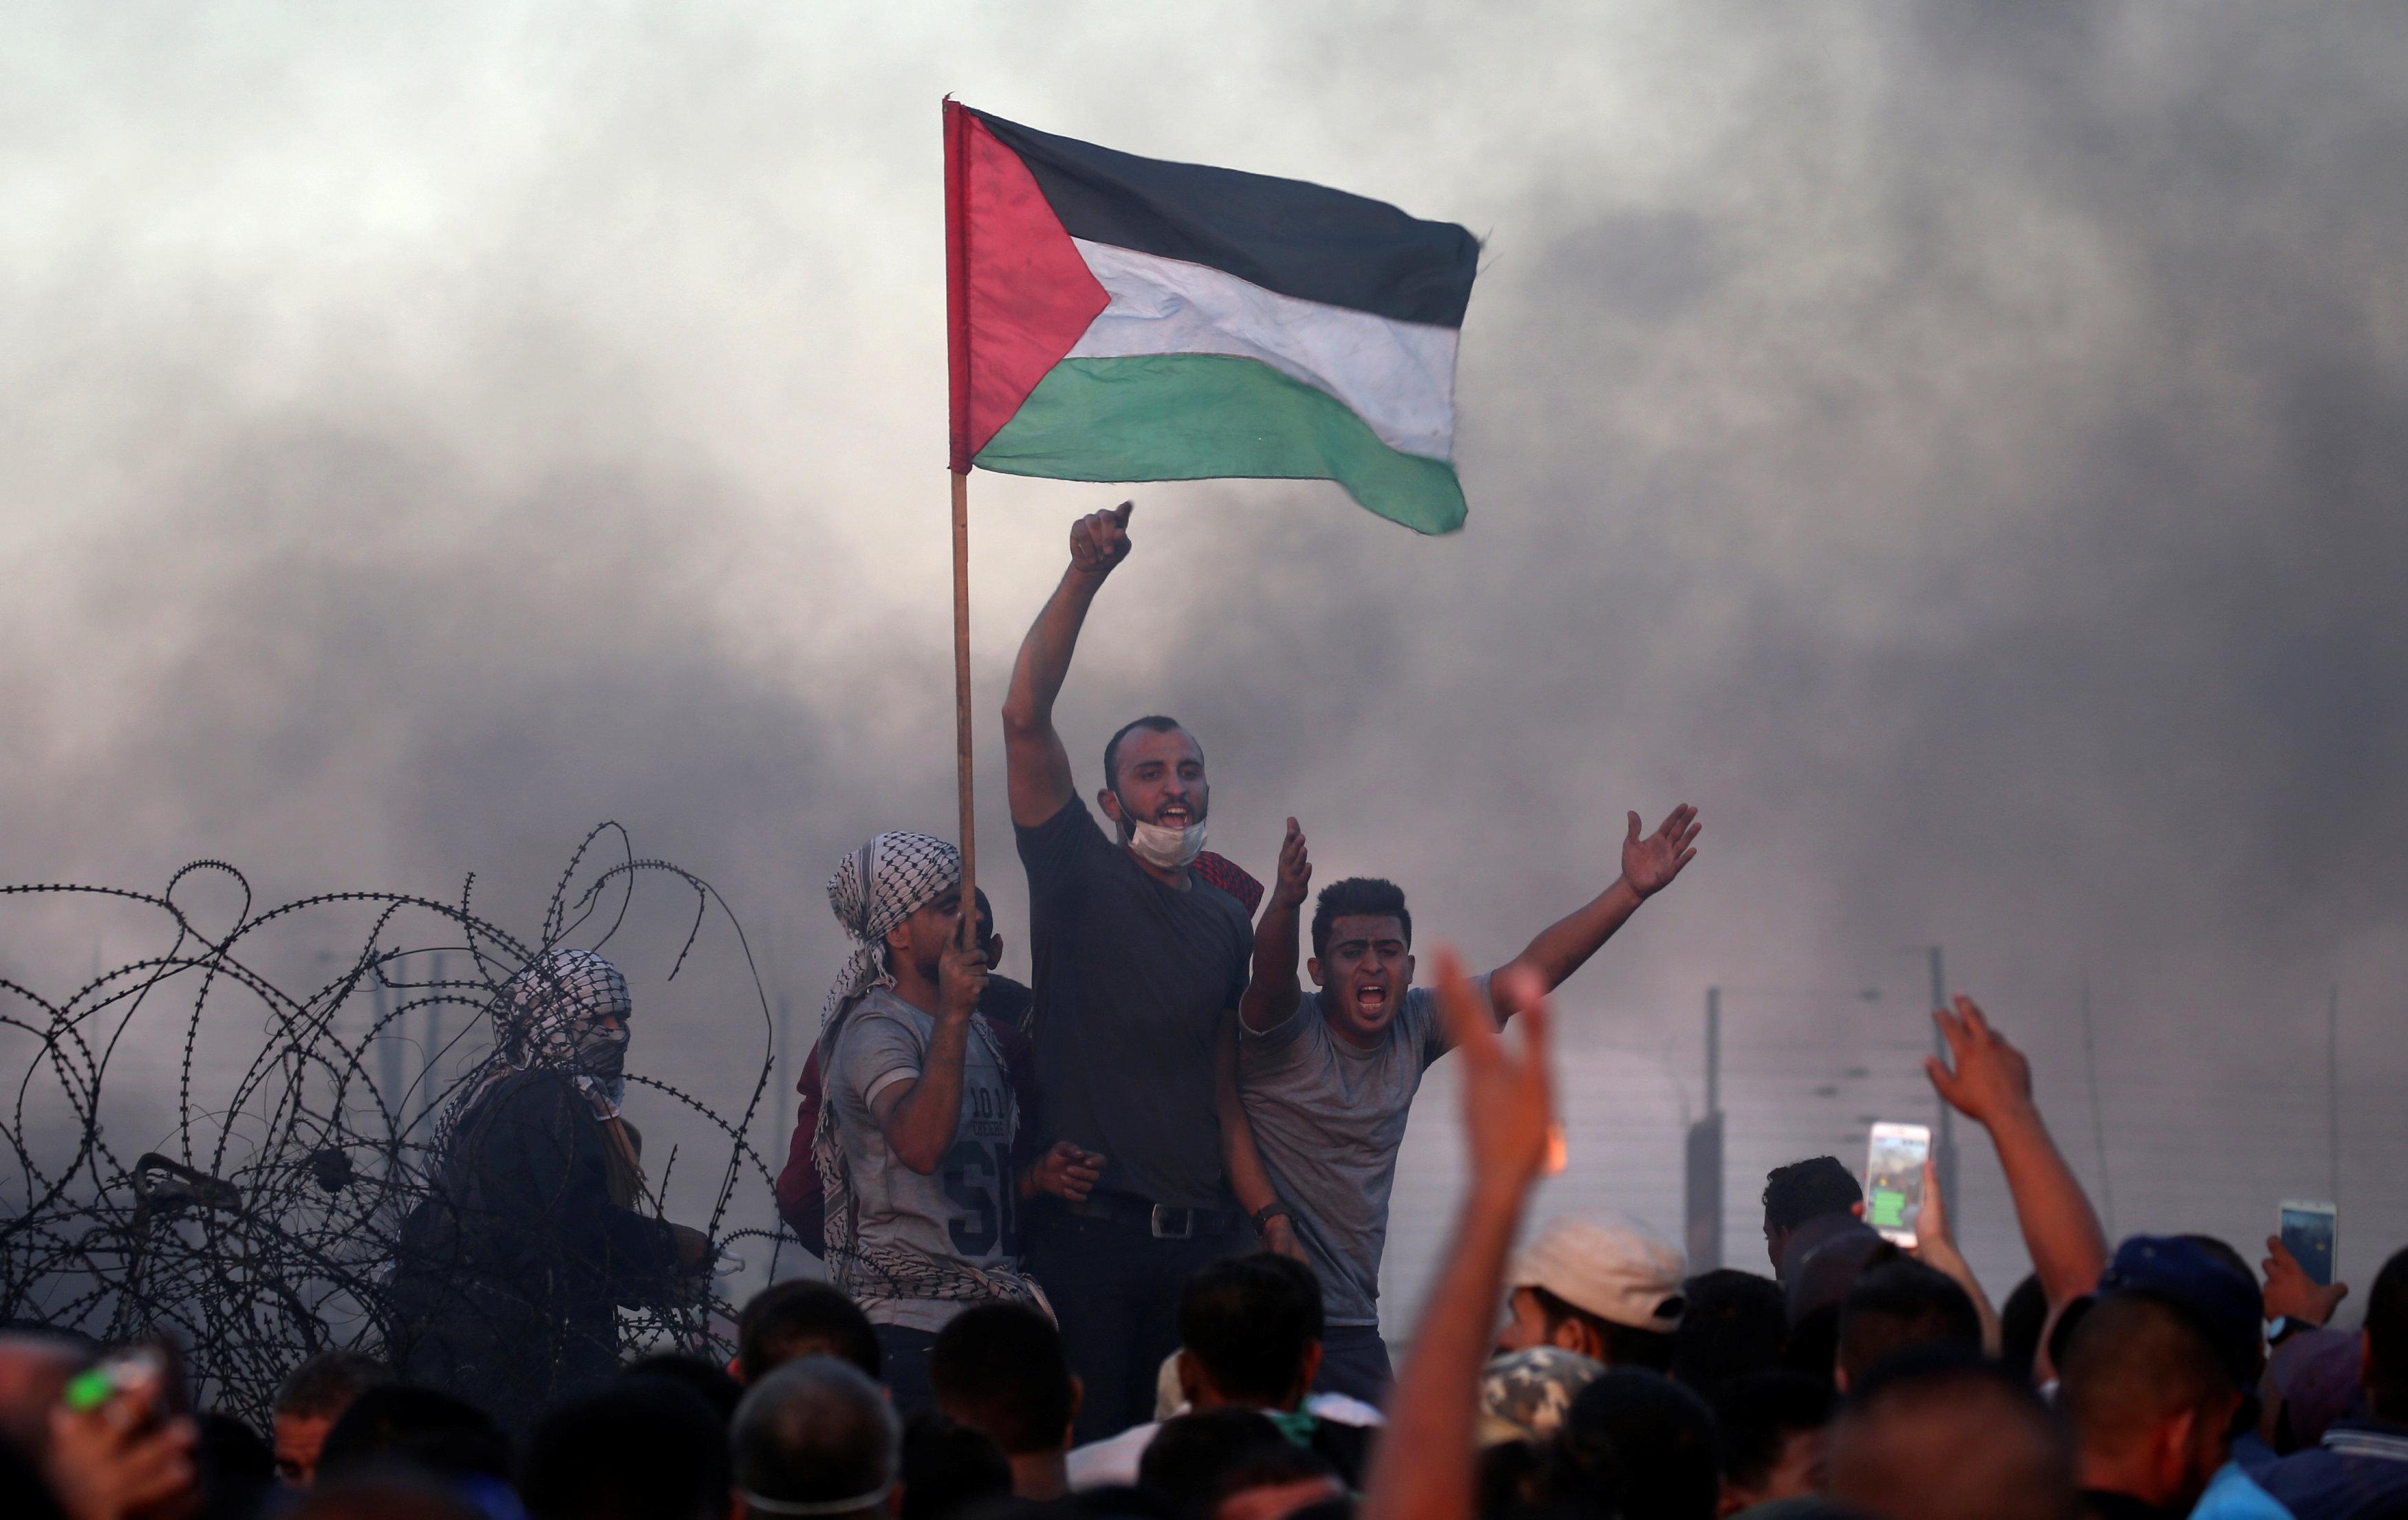 ارتفاع مصابي مسيرات العودة بغزة إلى 115 فلسطينيا